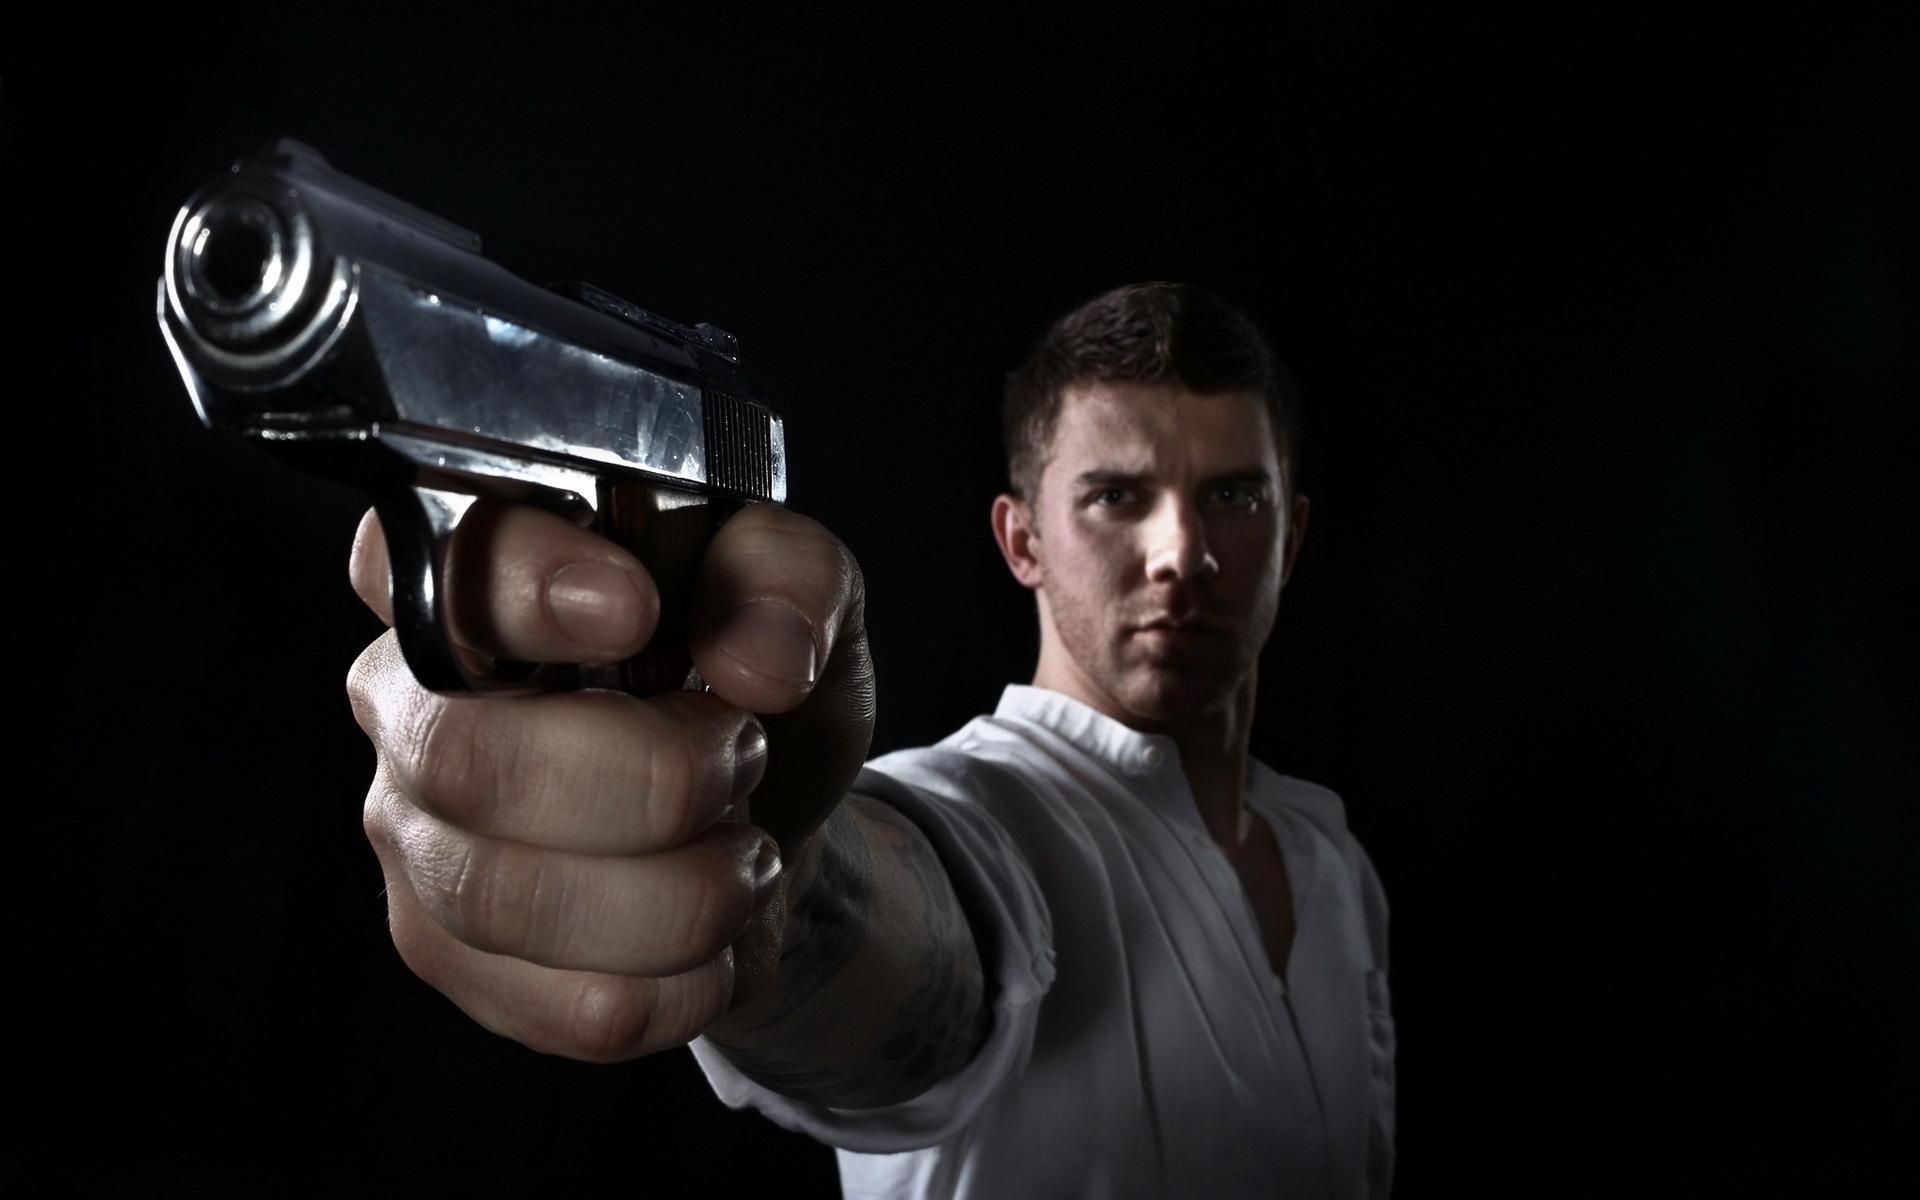 человек с револьвером картинки помощью можно создавать